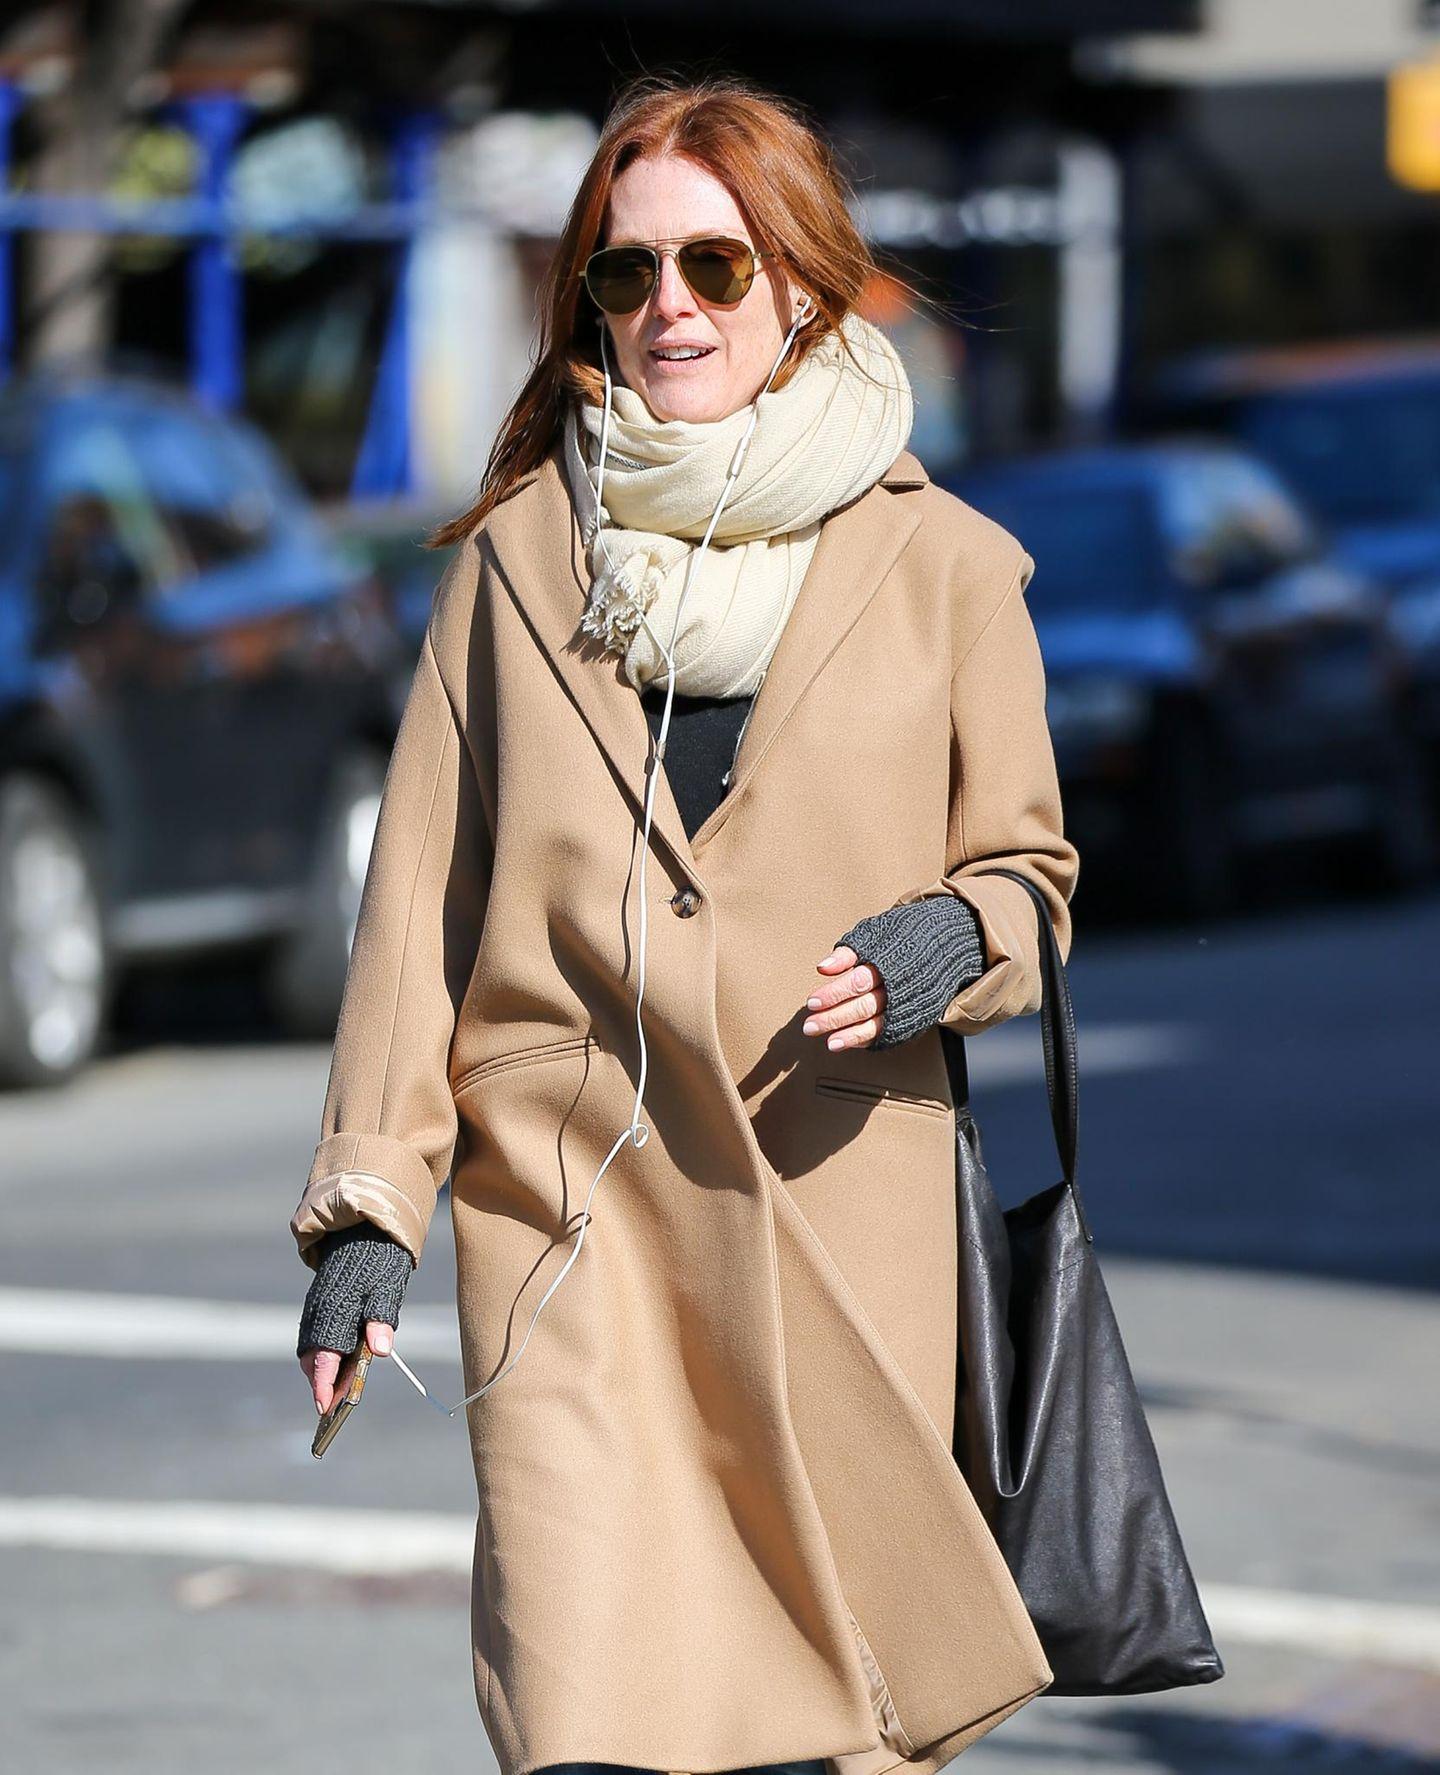 1. März 2016: Julianne Moore hört Musik und spaziert dick eingemummelt durch das New Yorker West Village.